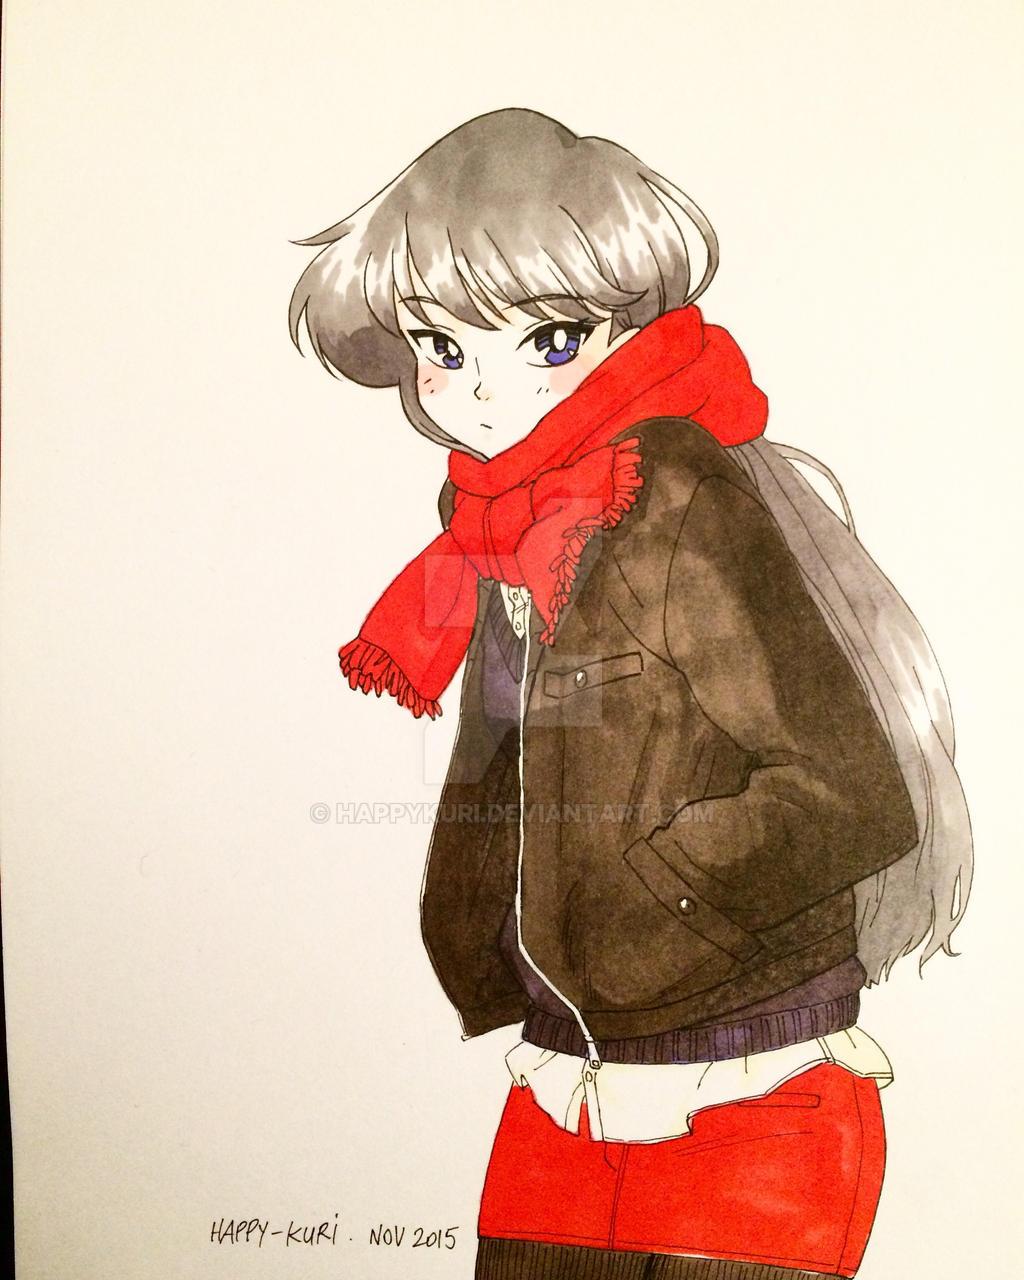 Rei-chan by happykuri